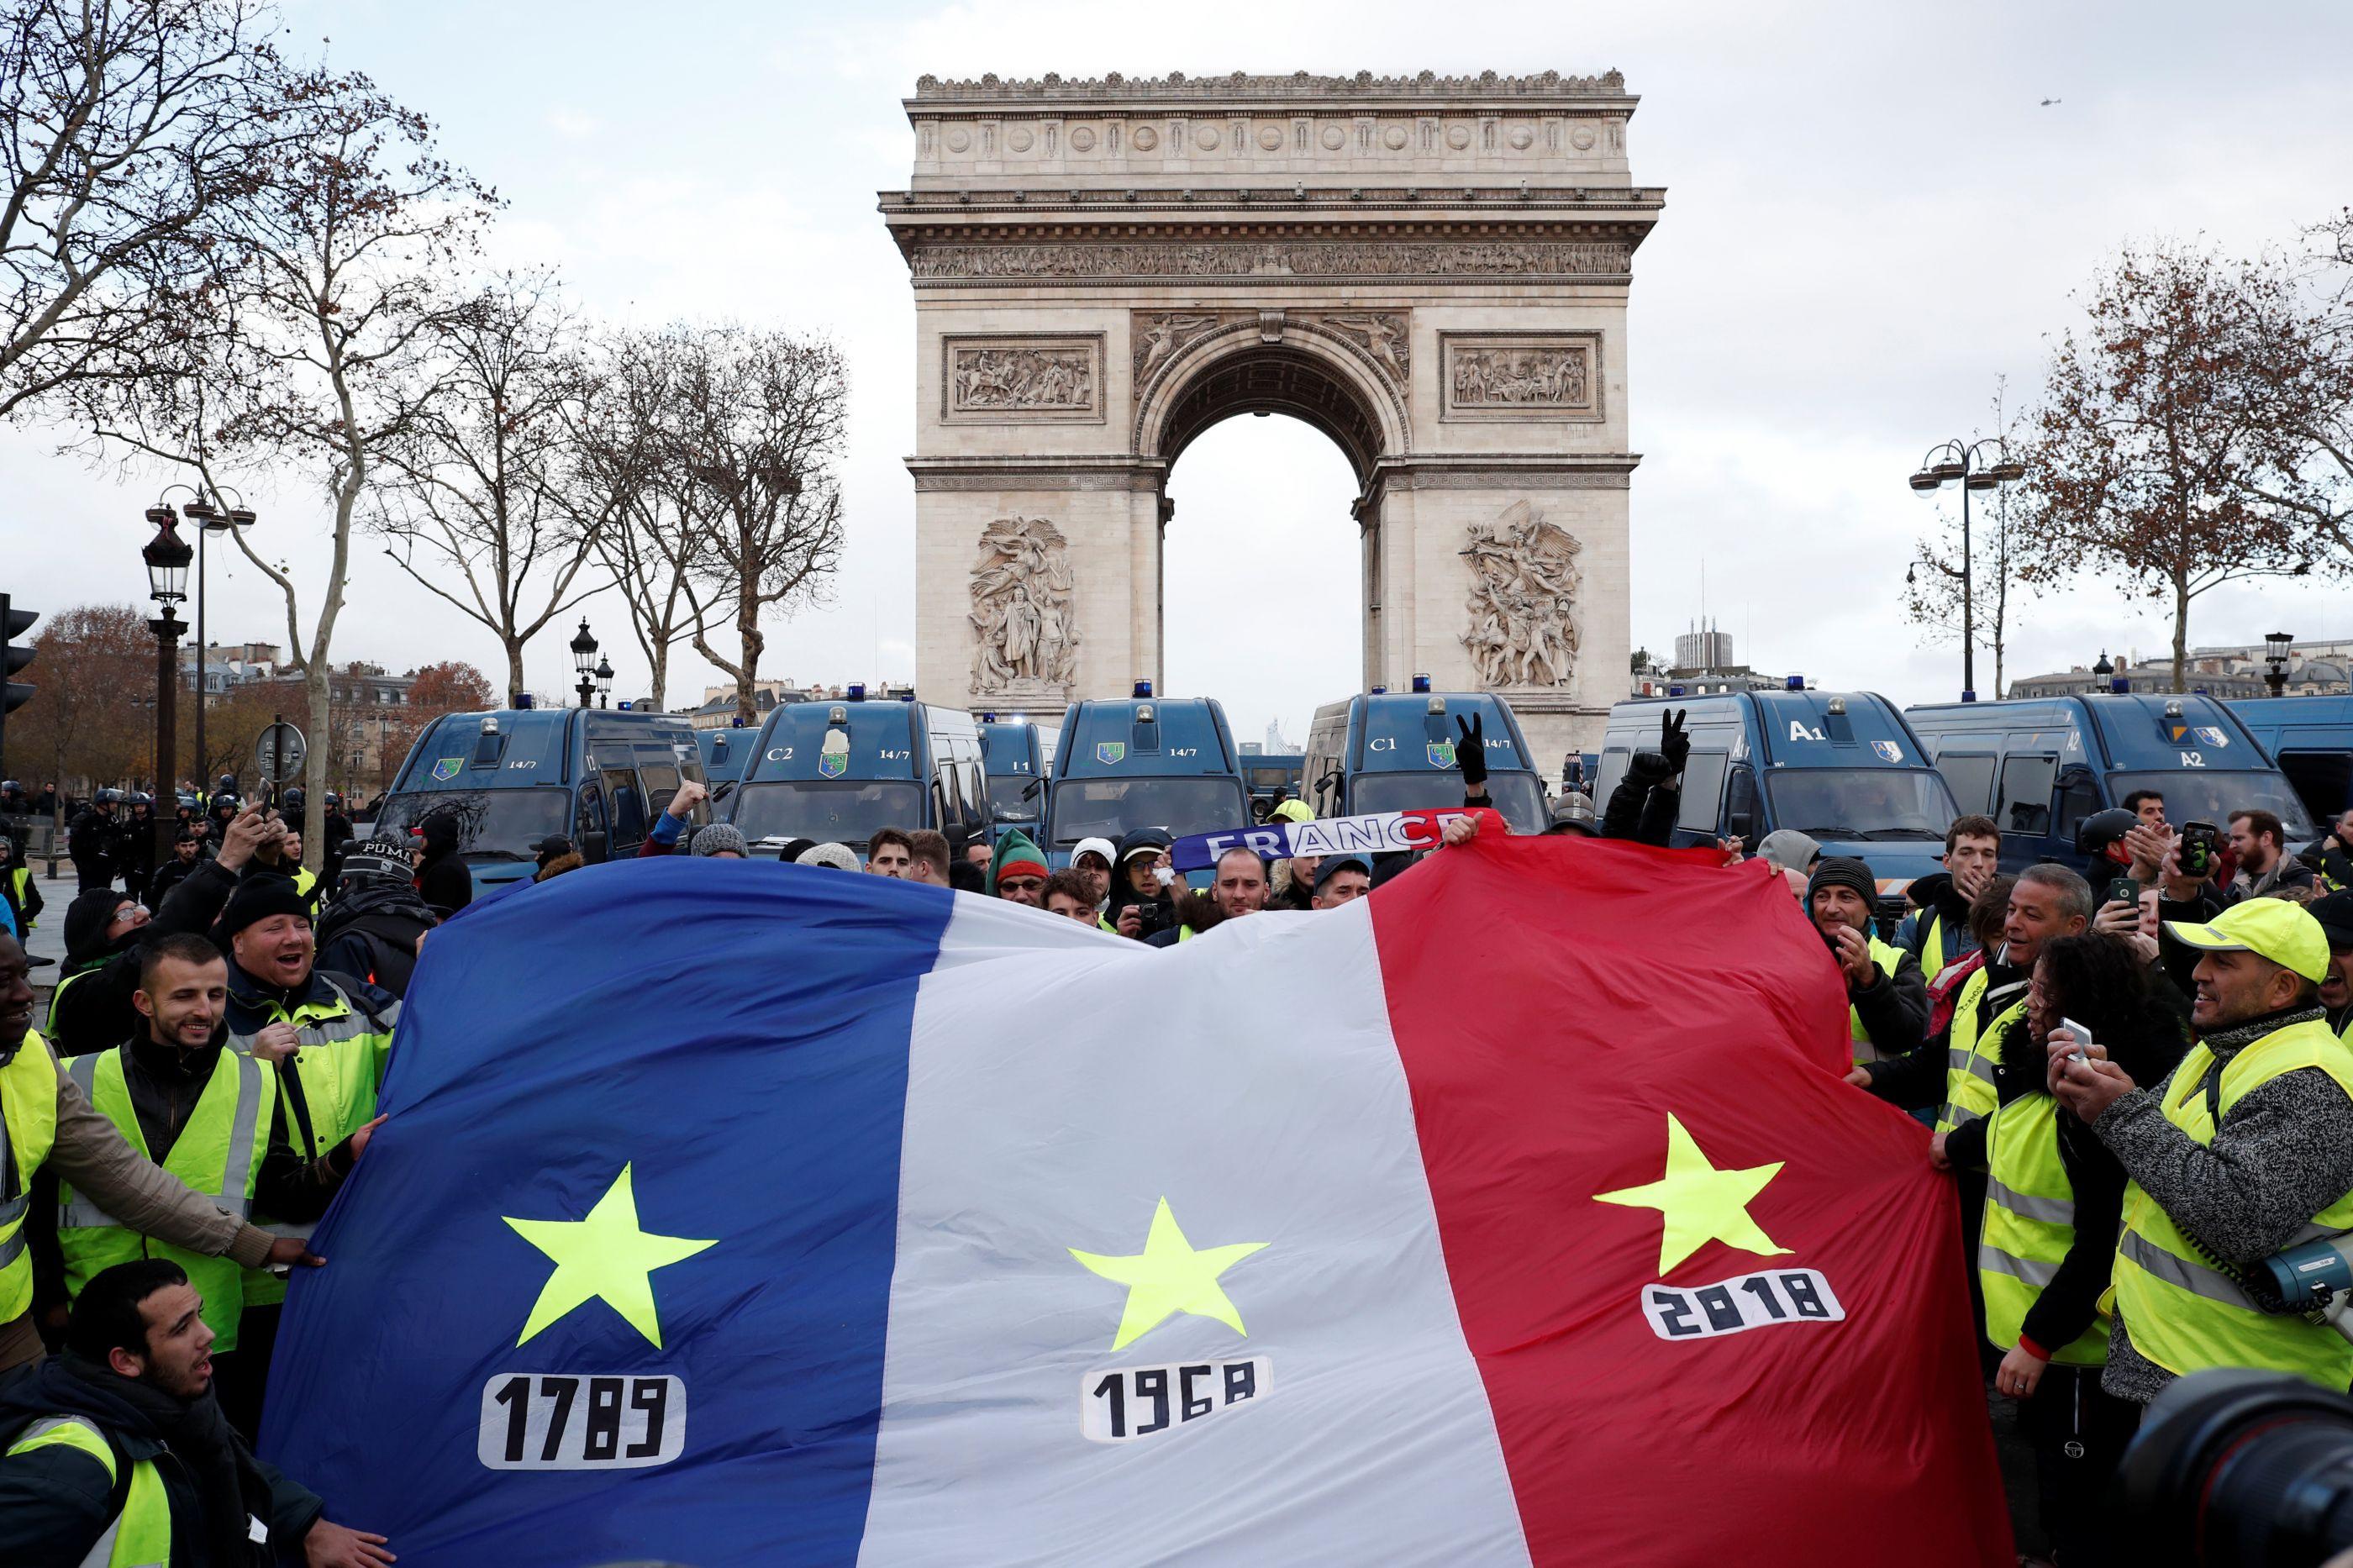 Paris: Acompanhe em imagens o protesto dos coletes amarelos